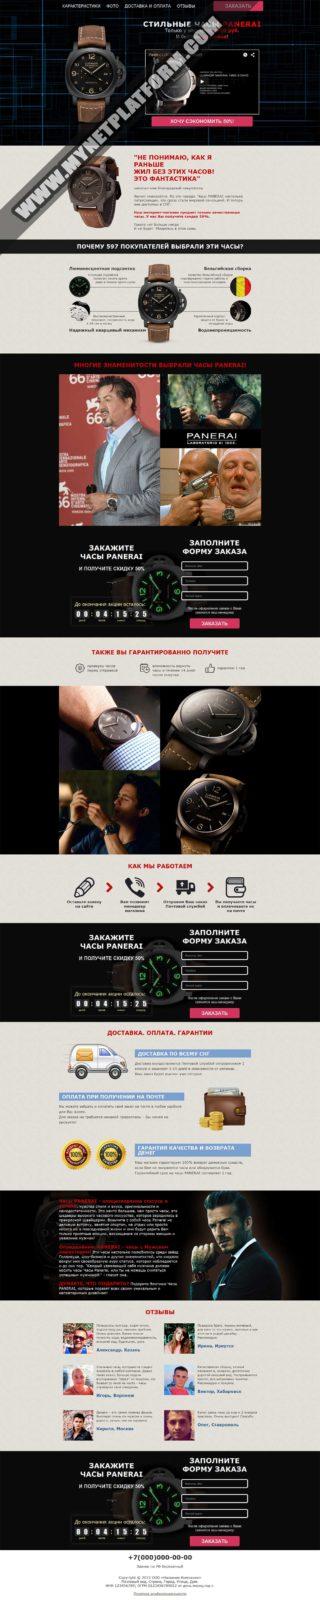 Скриншот лендинга Часы Luminor Marina Panerai 001